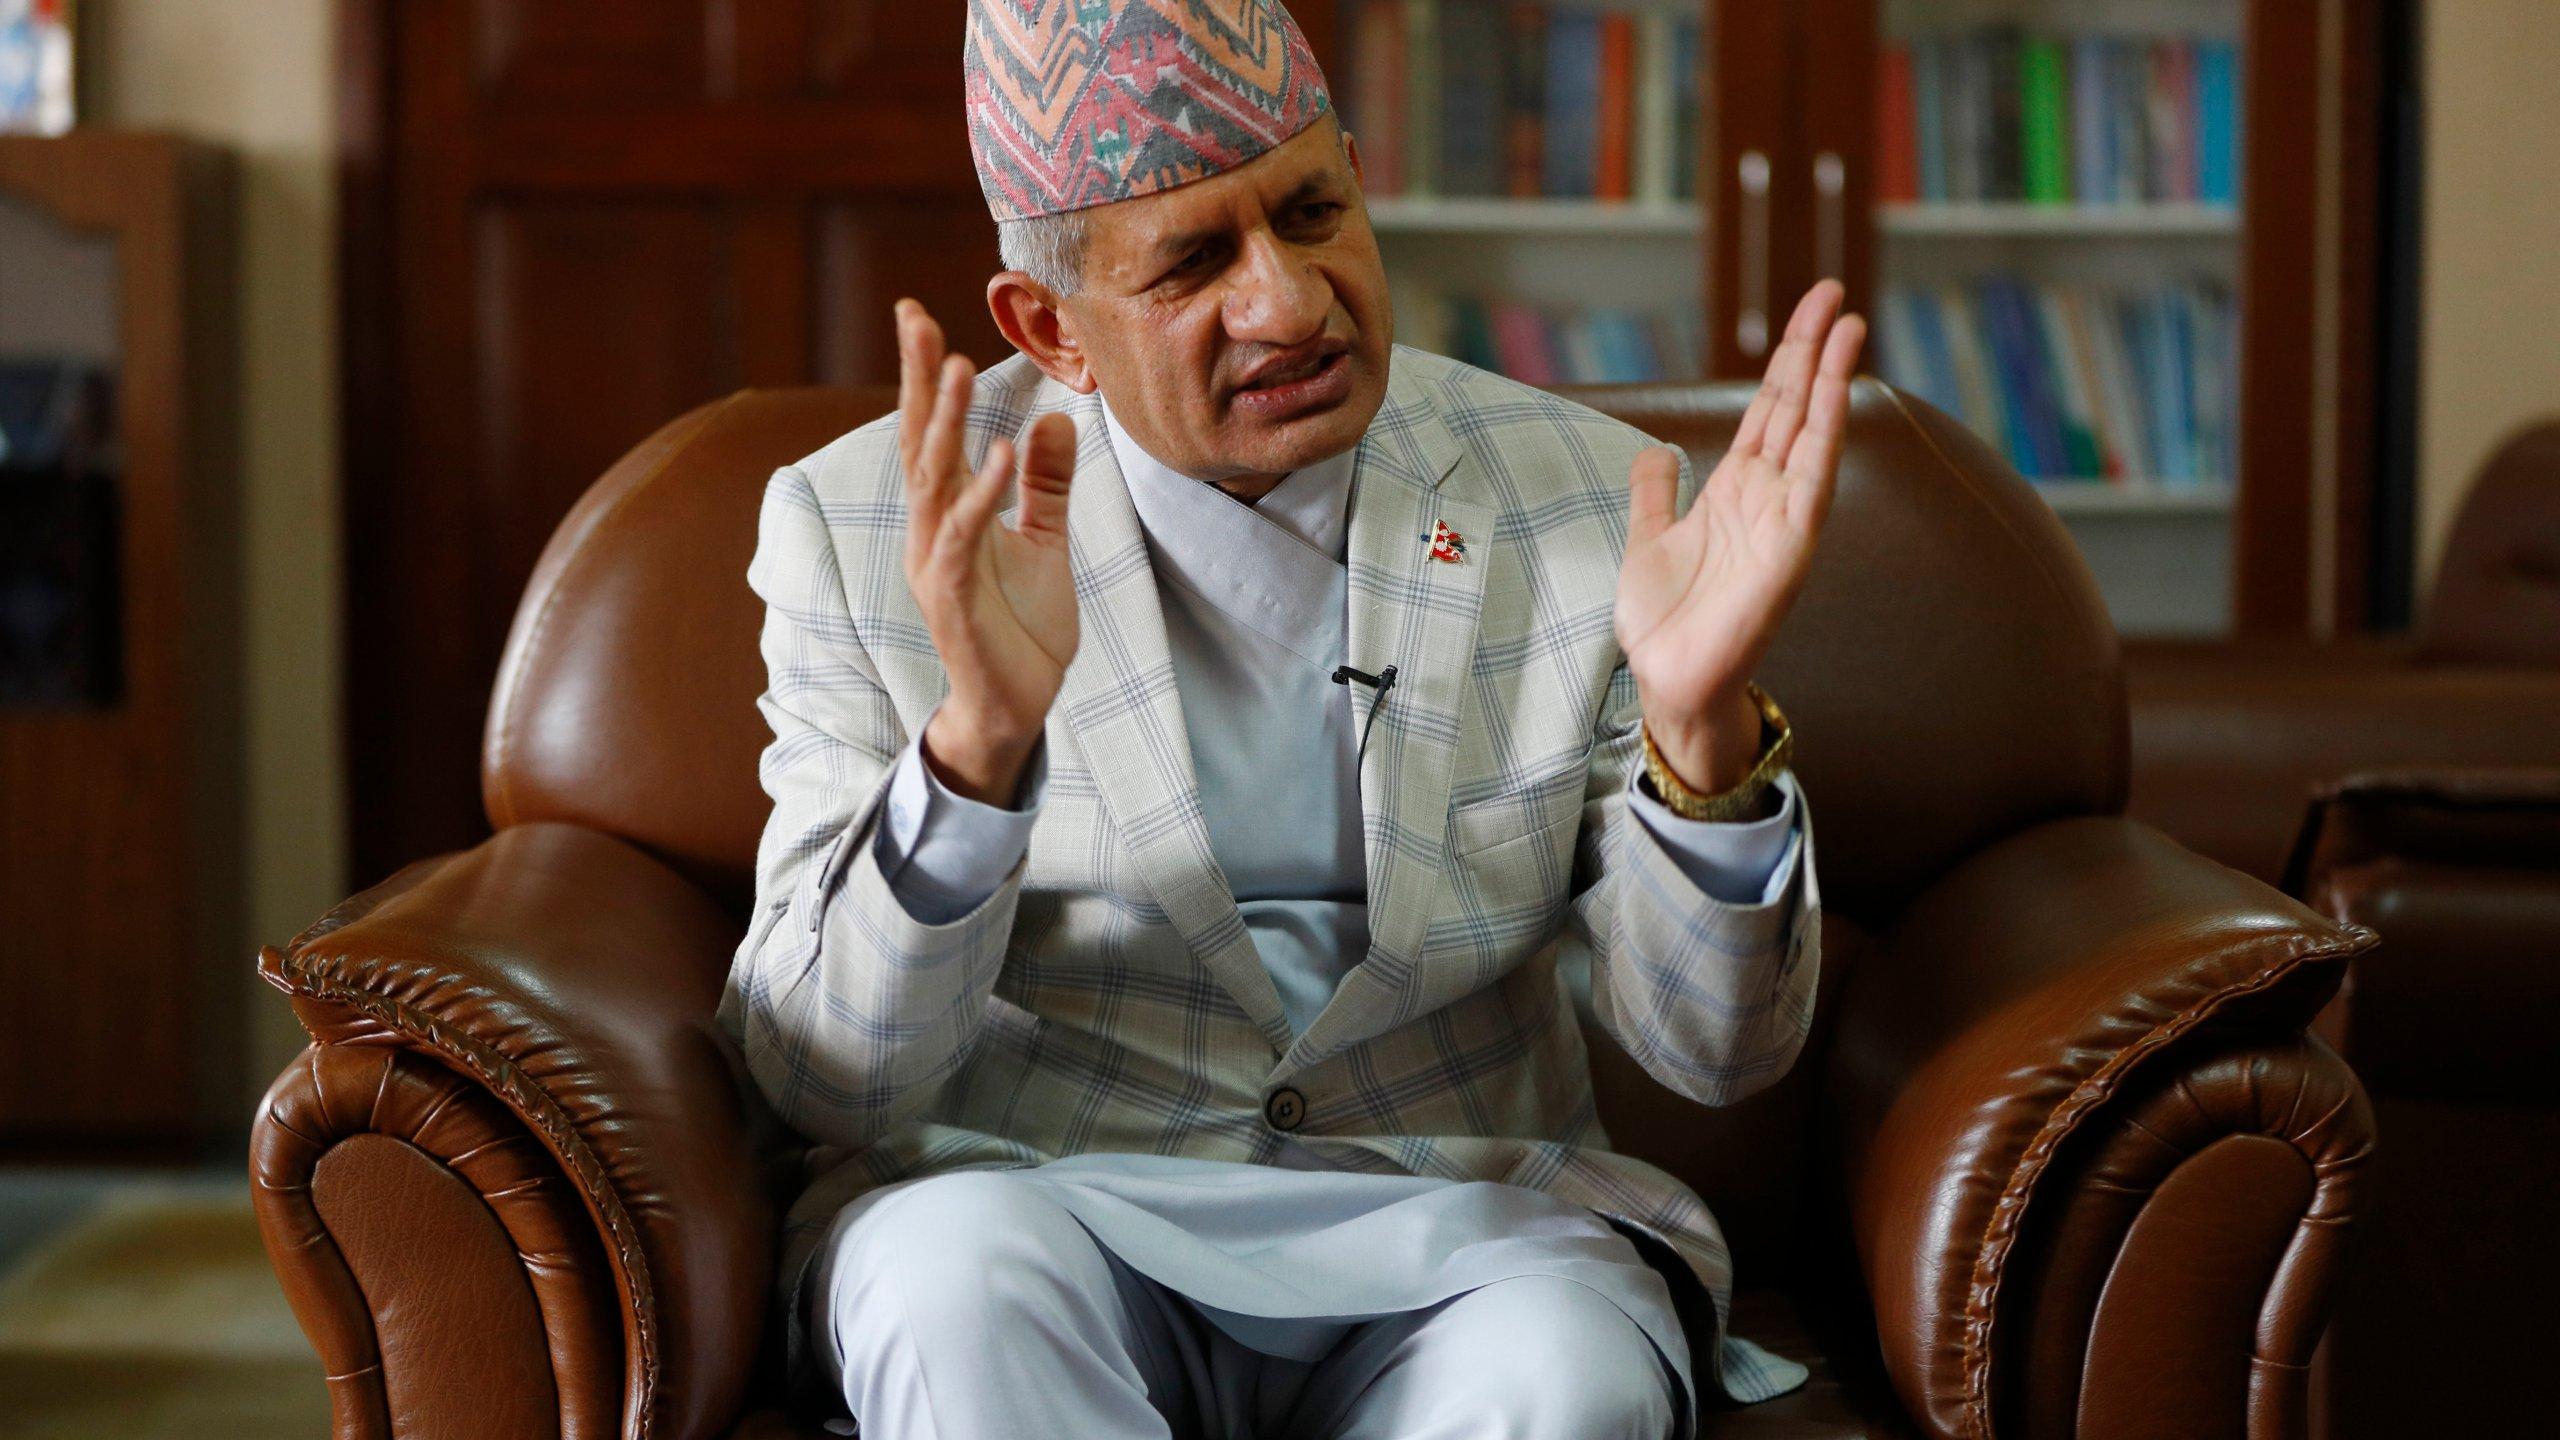 Pradeep Gyawali